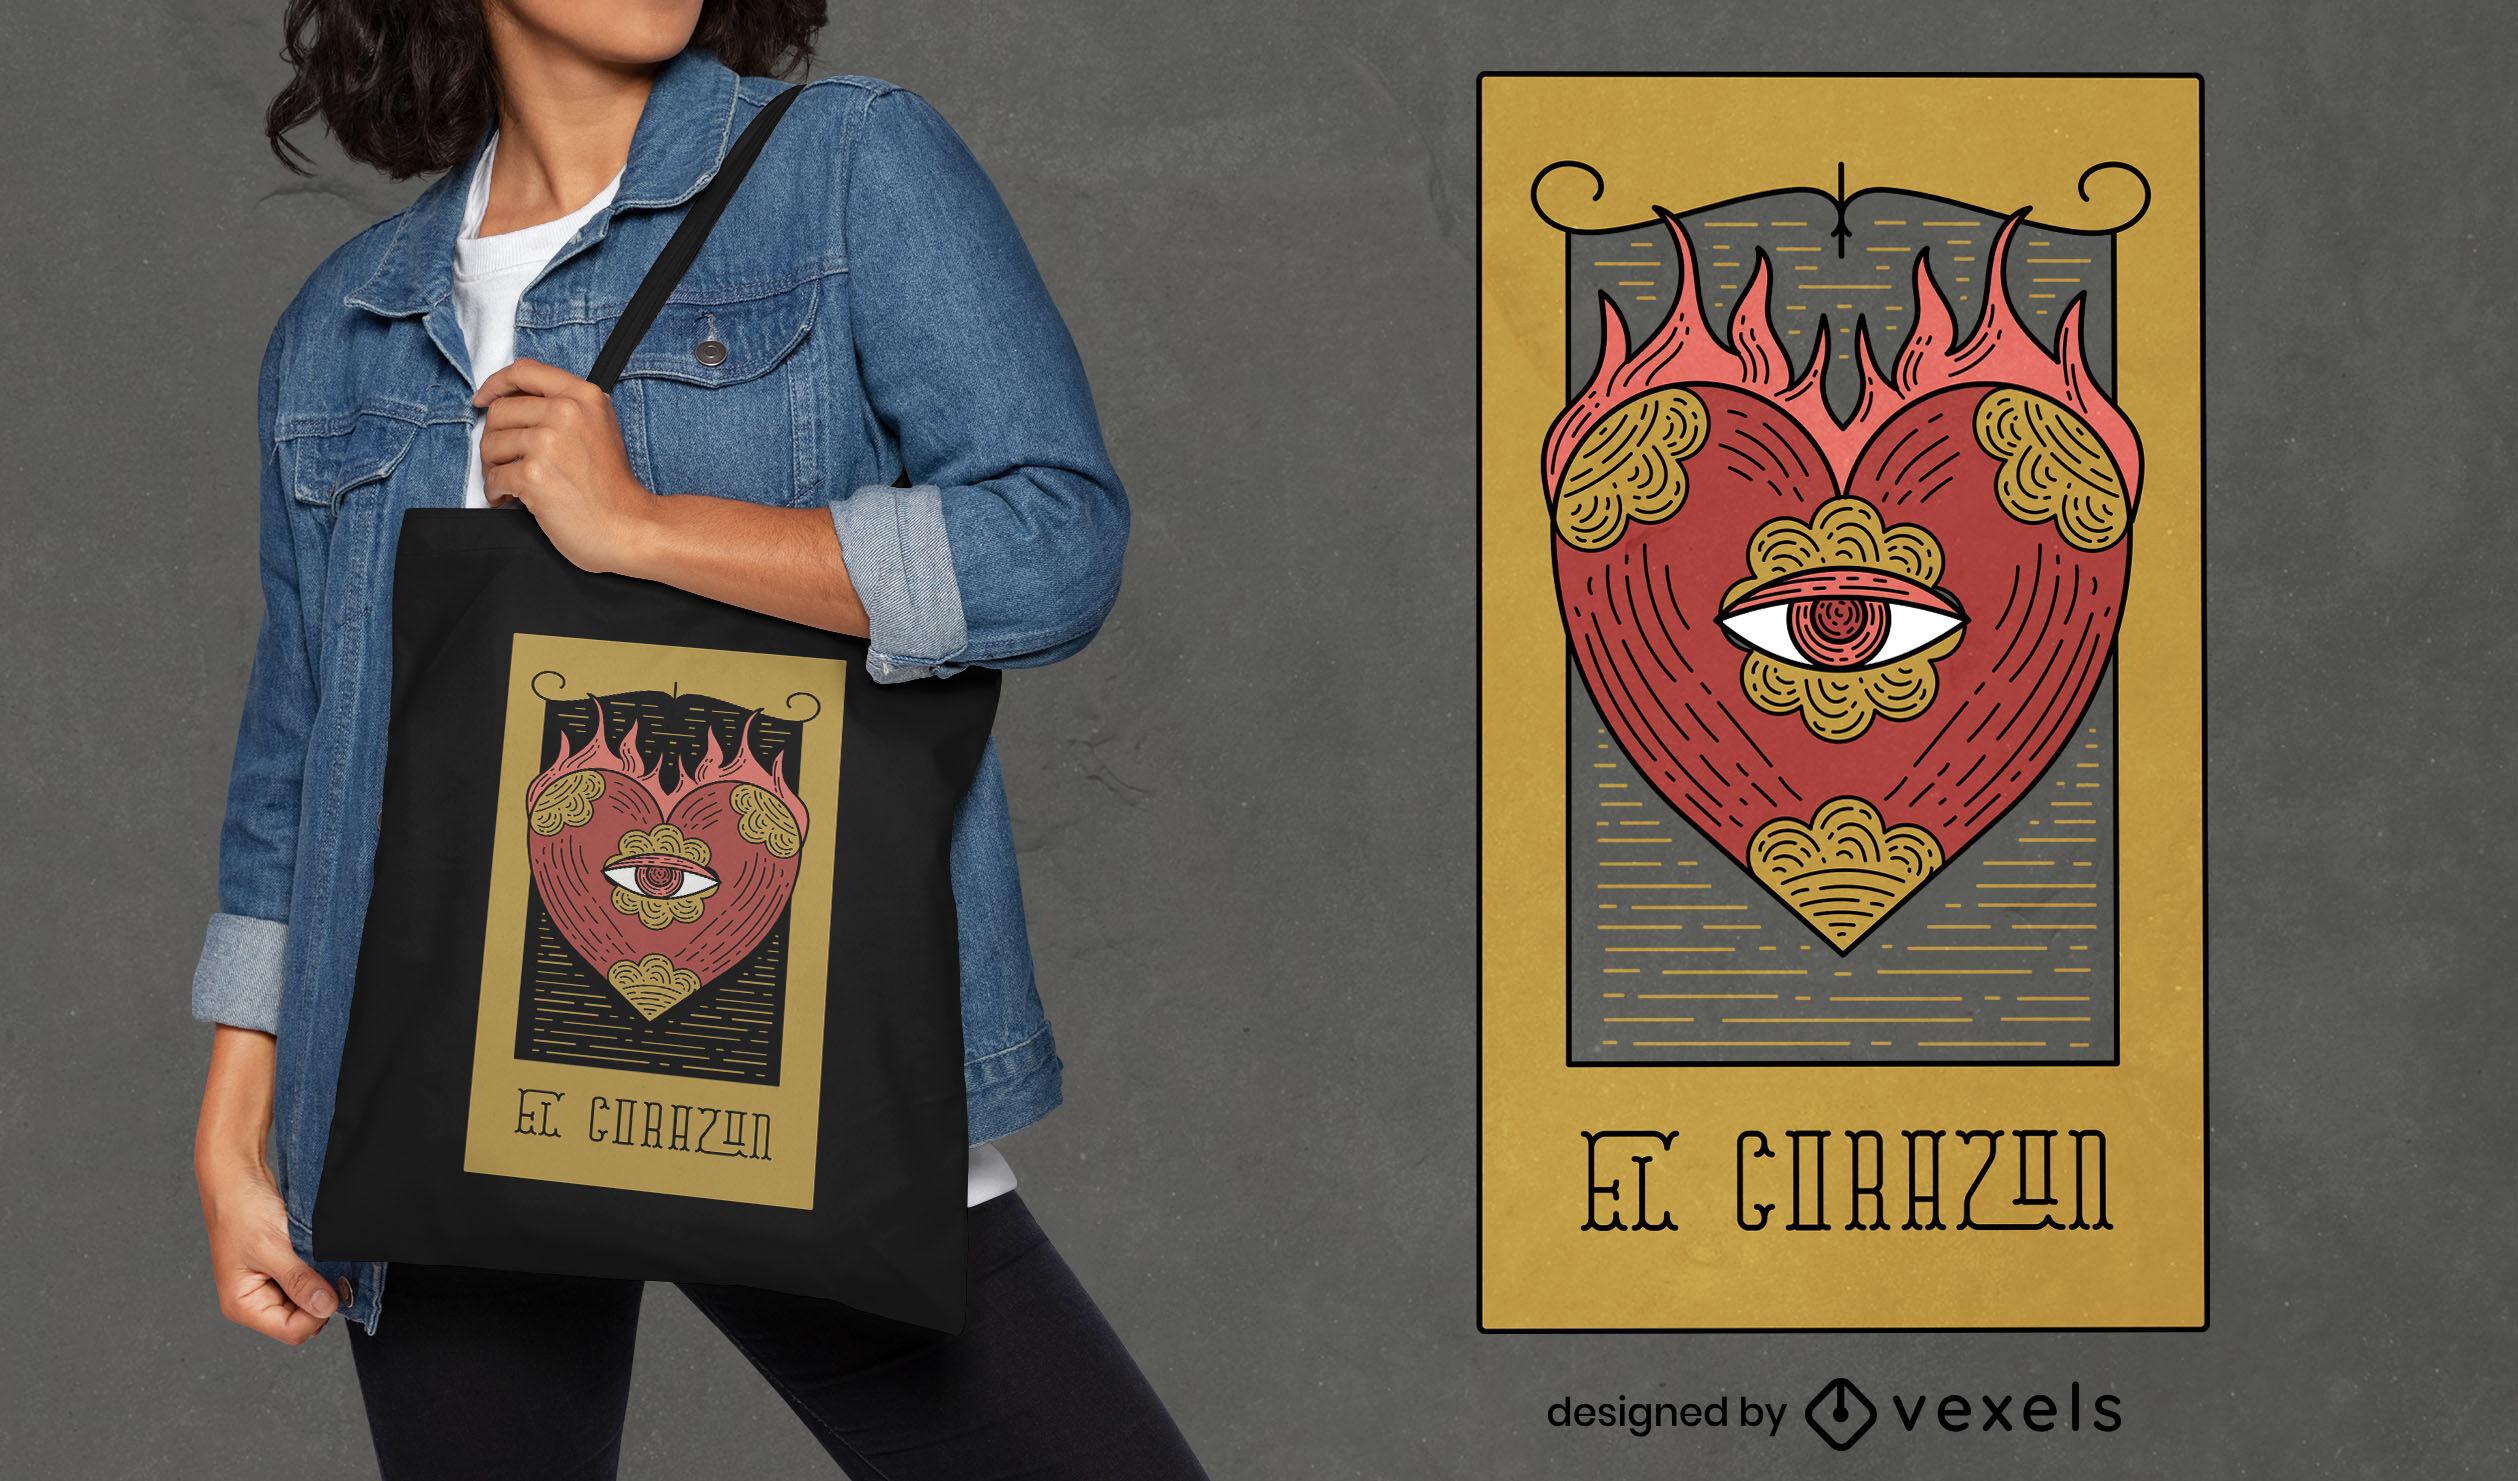 Auge auf Herz-Tarot-Karten-Tragetaschen-Design